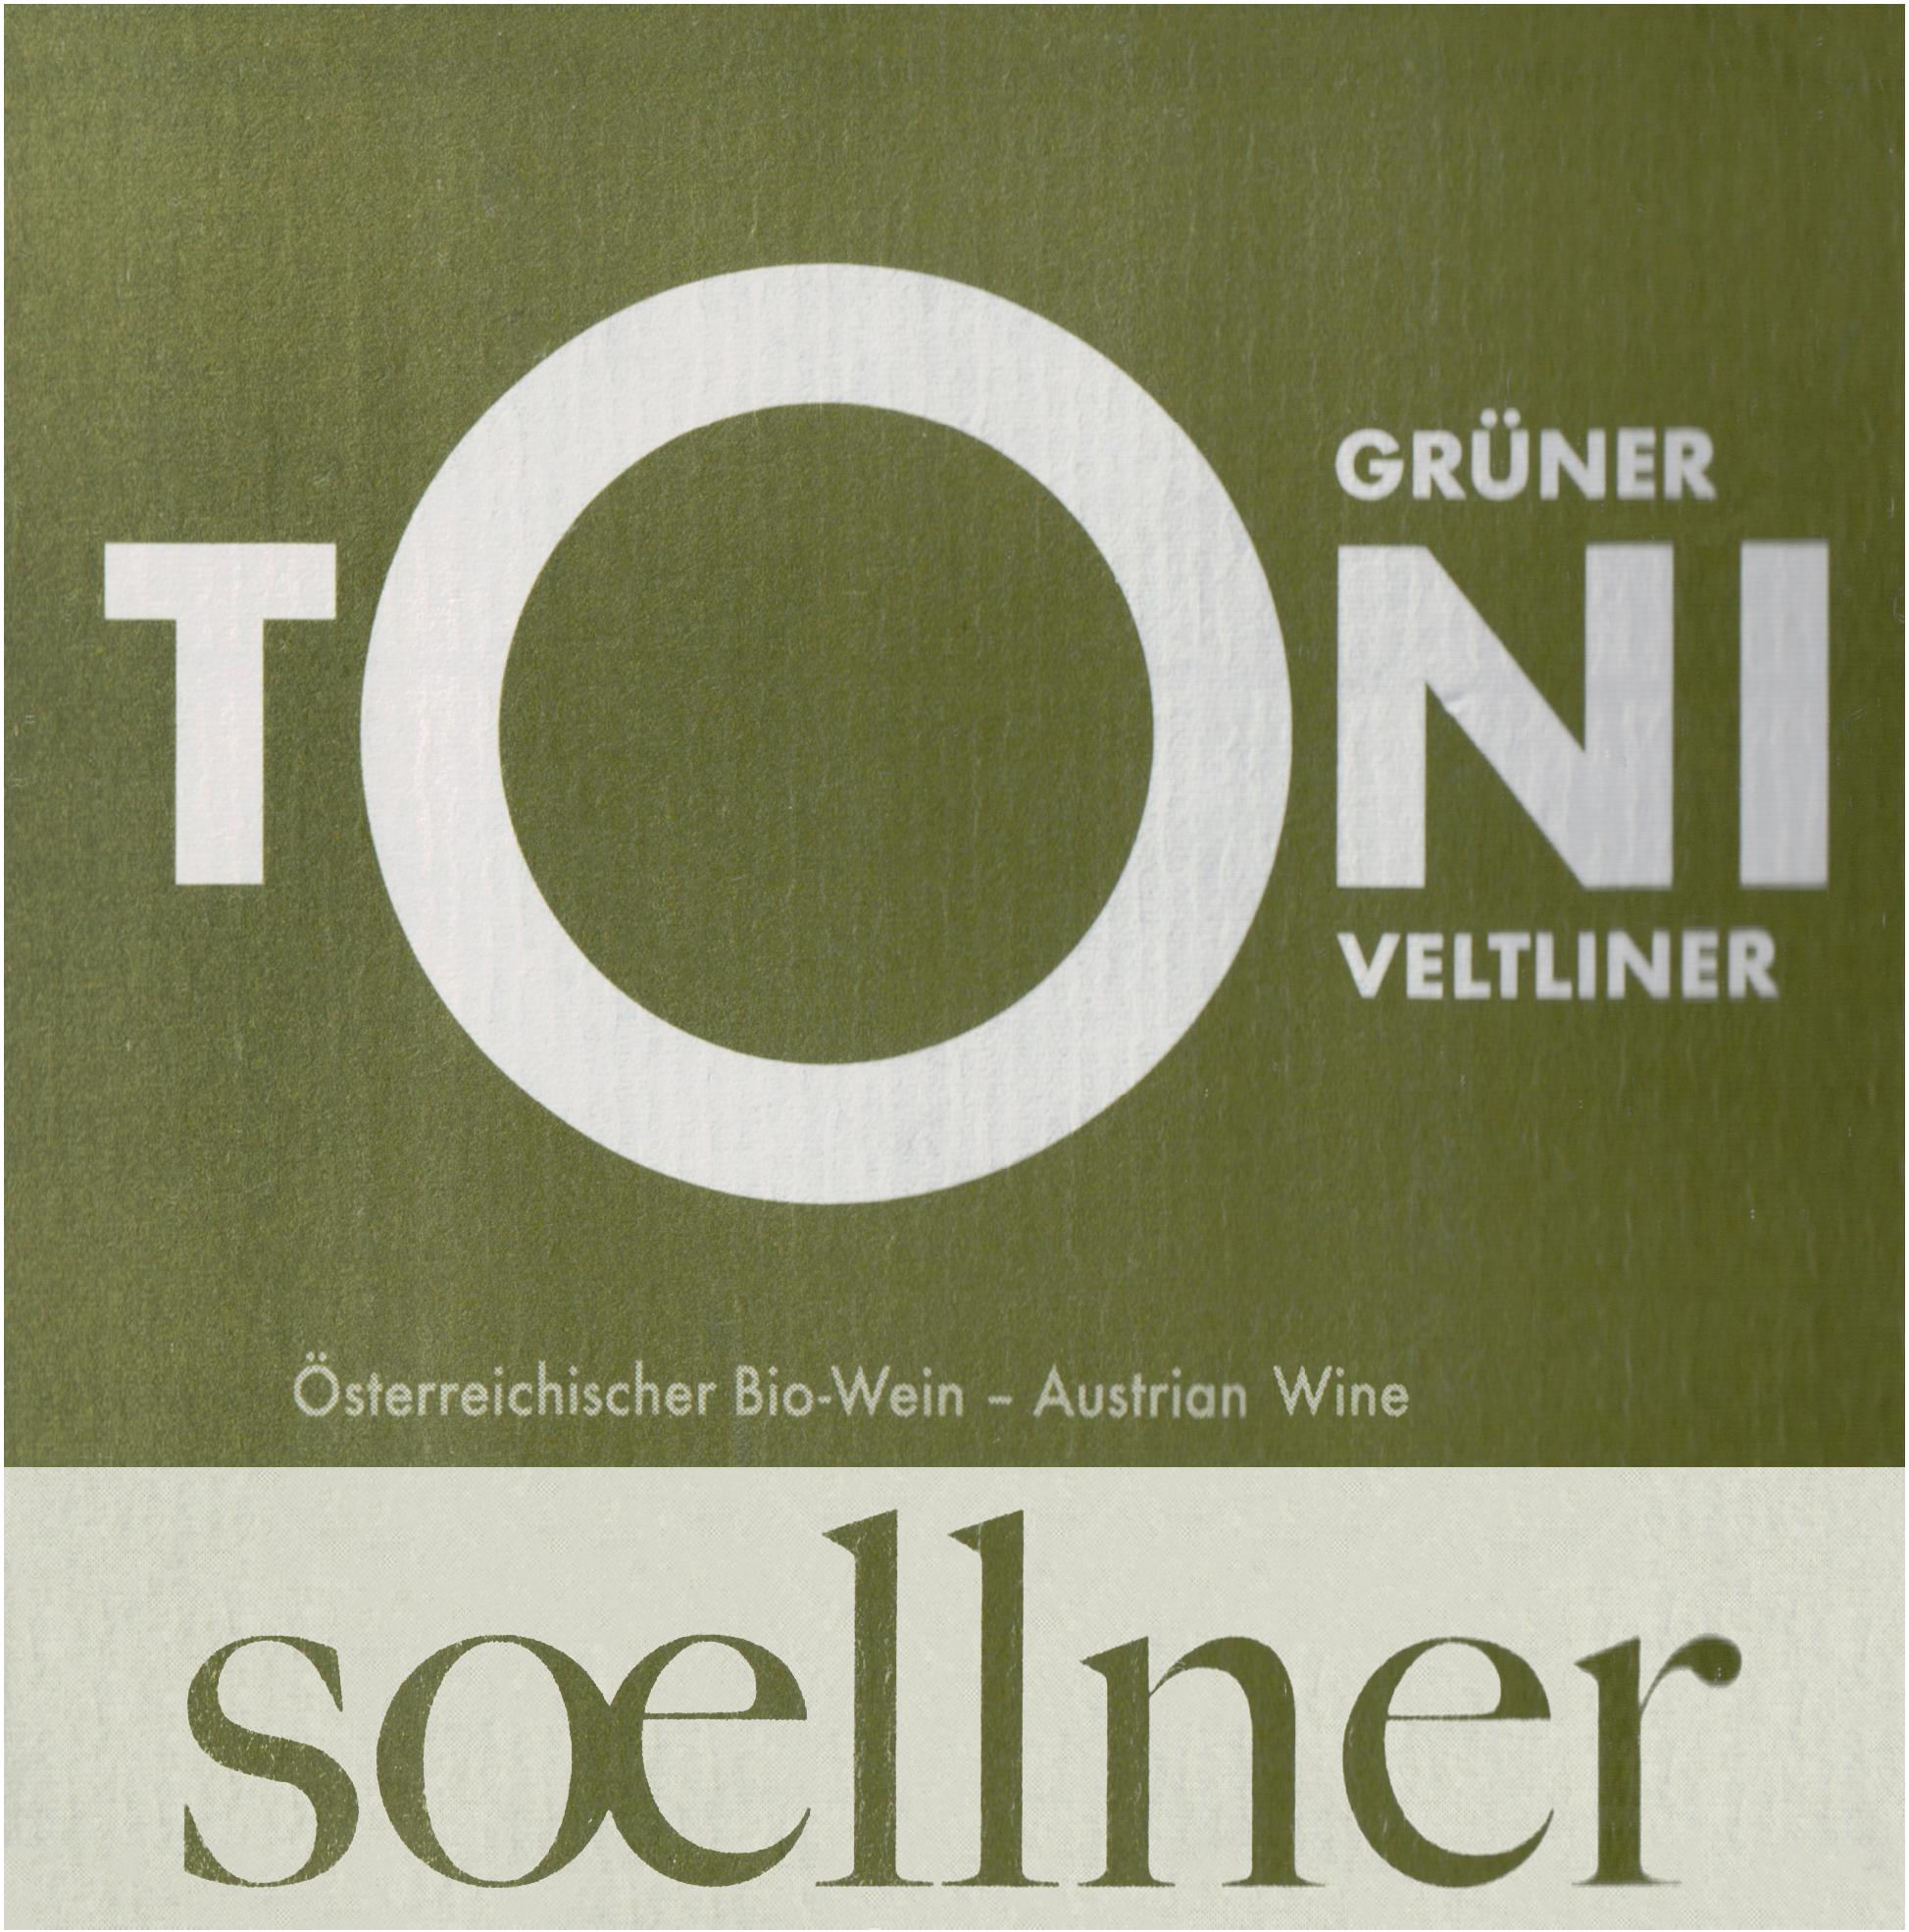 Soellner Gruner Veltliner Toni 2018